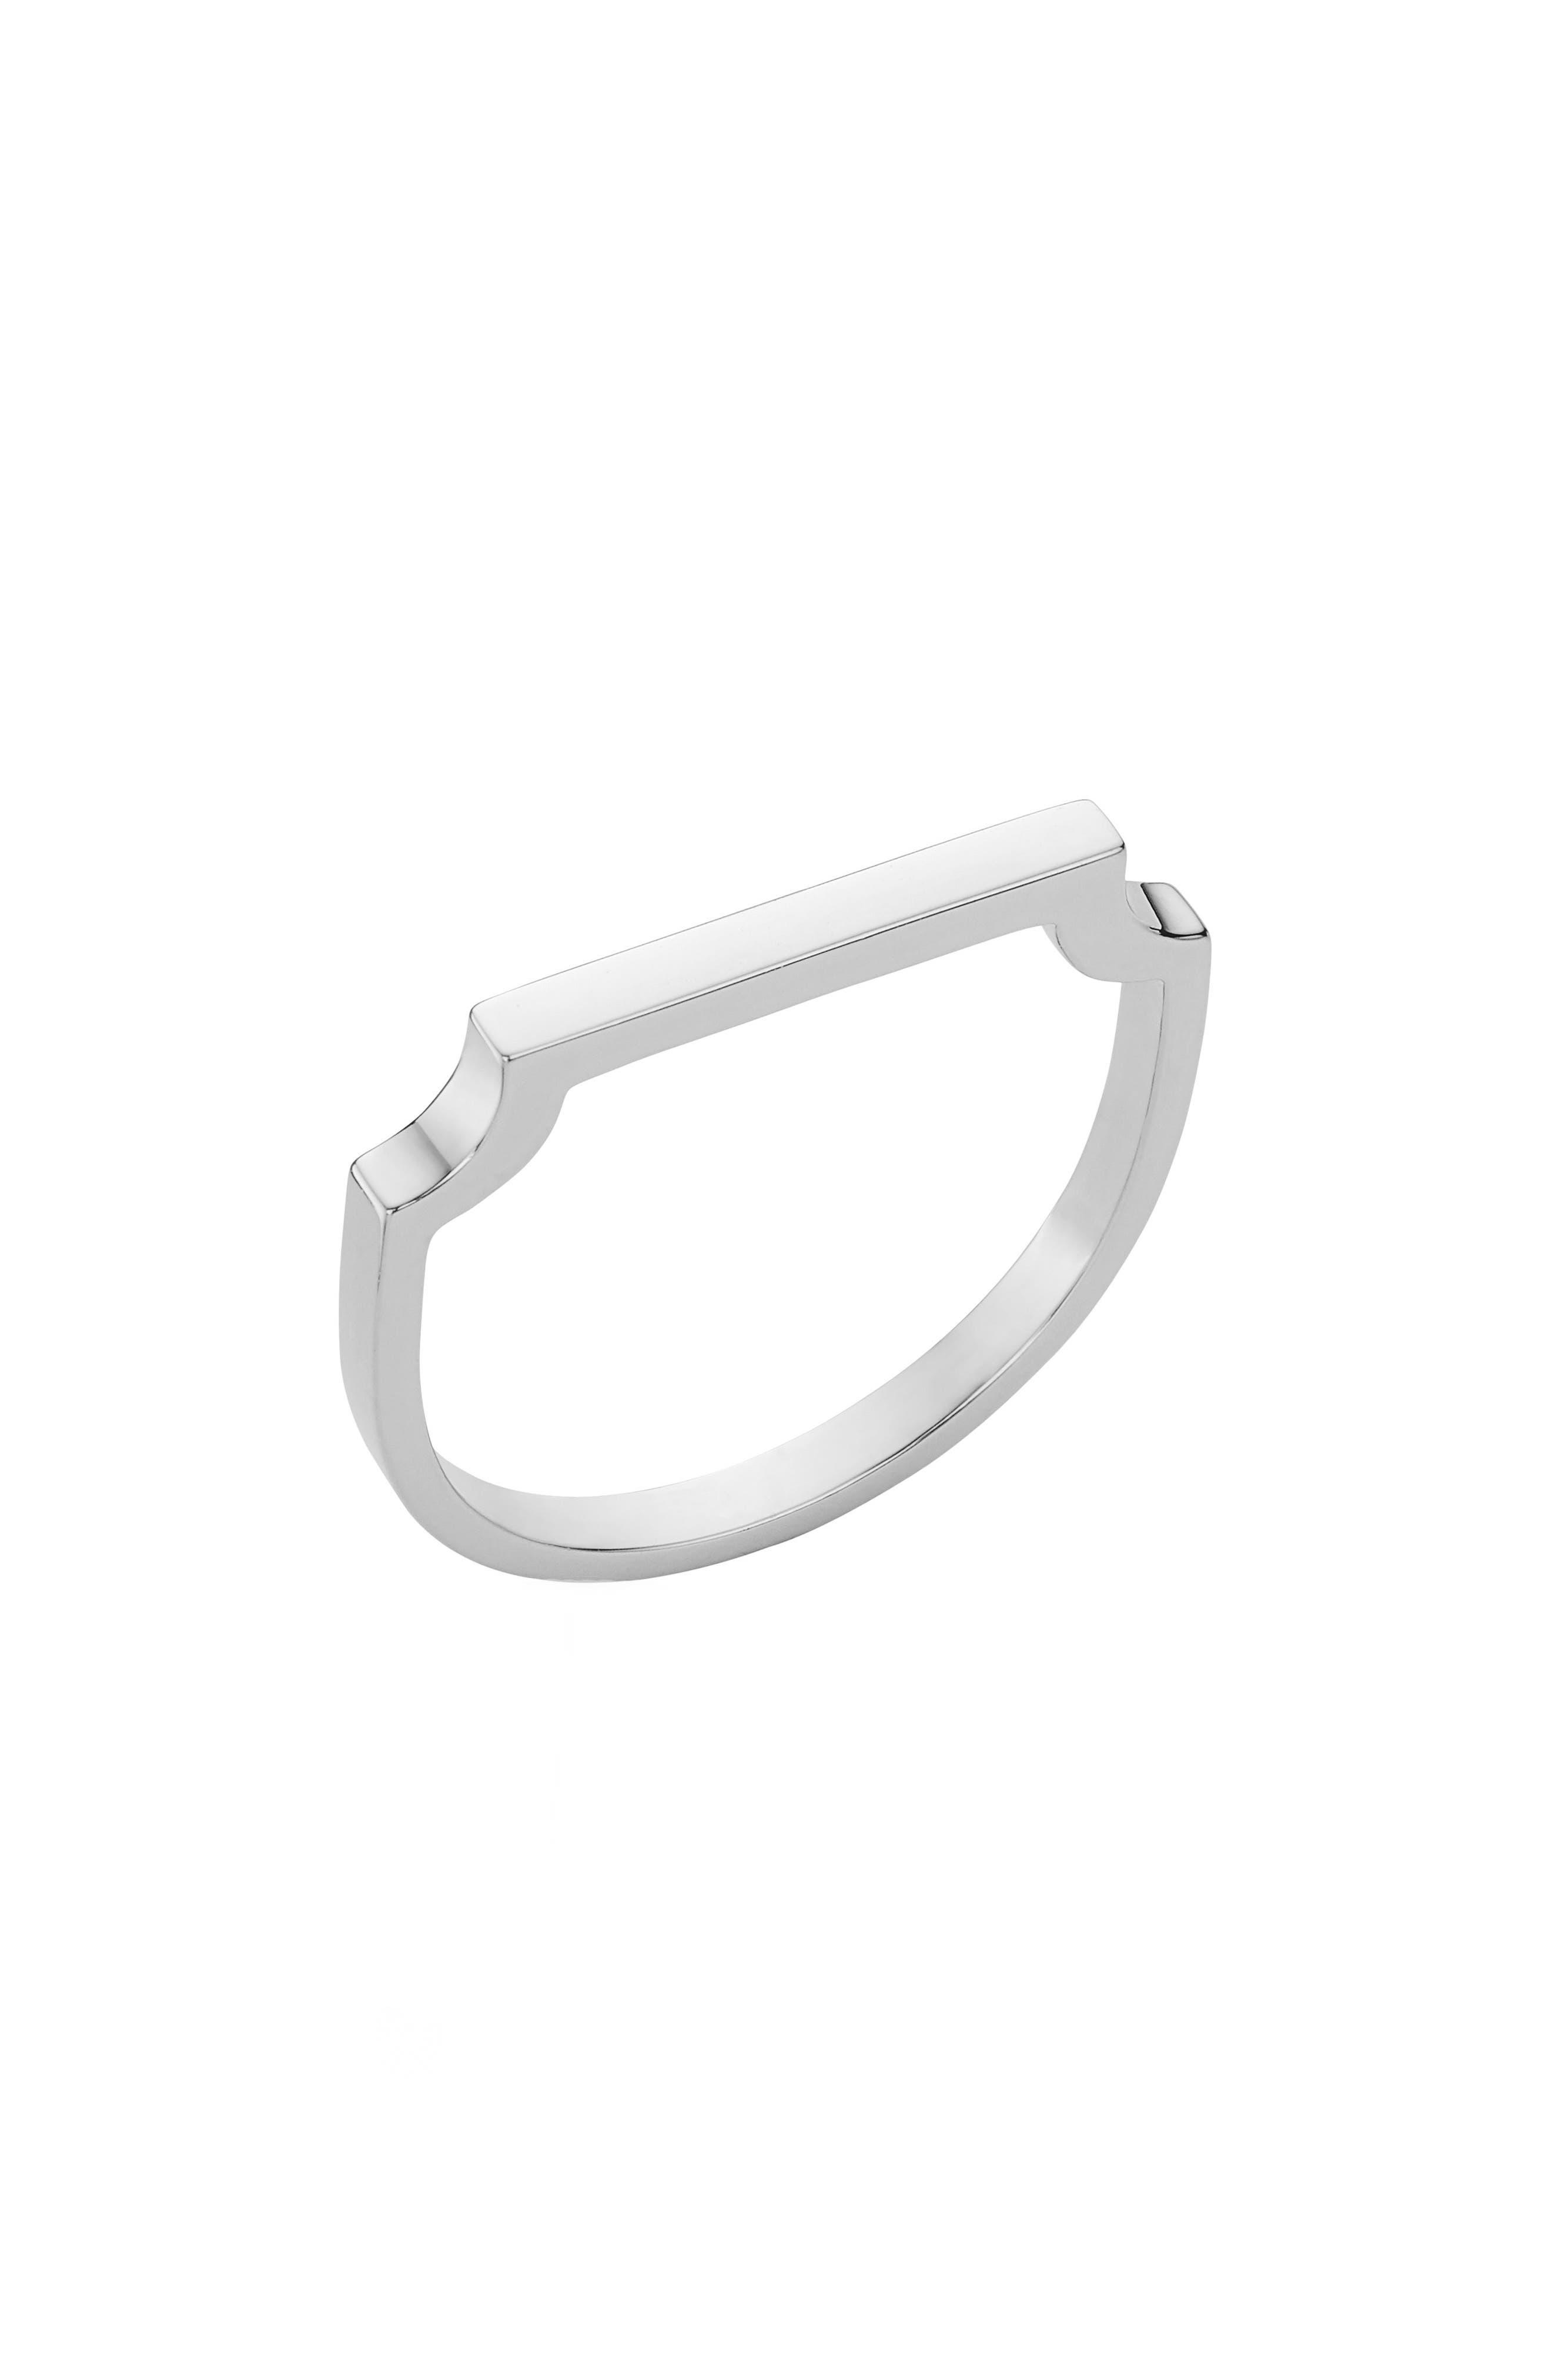 MONICA VINADER, Signature Thin Ring, Main thumbnail 1, color, SILVER